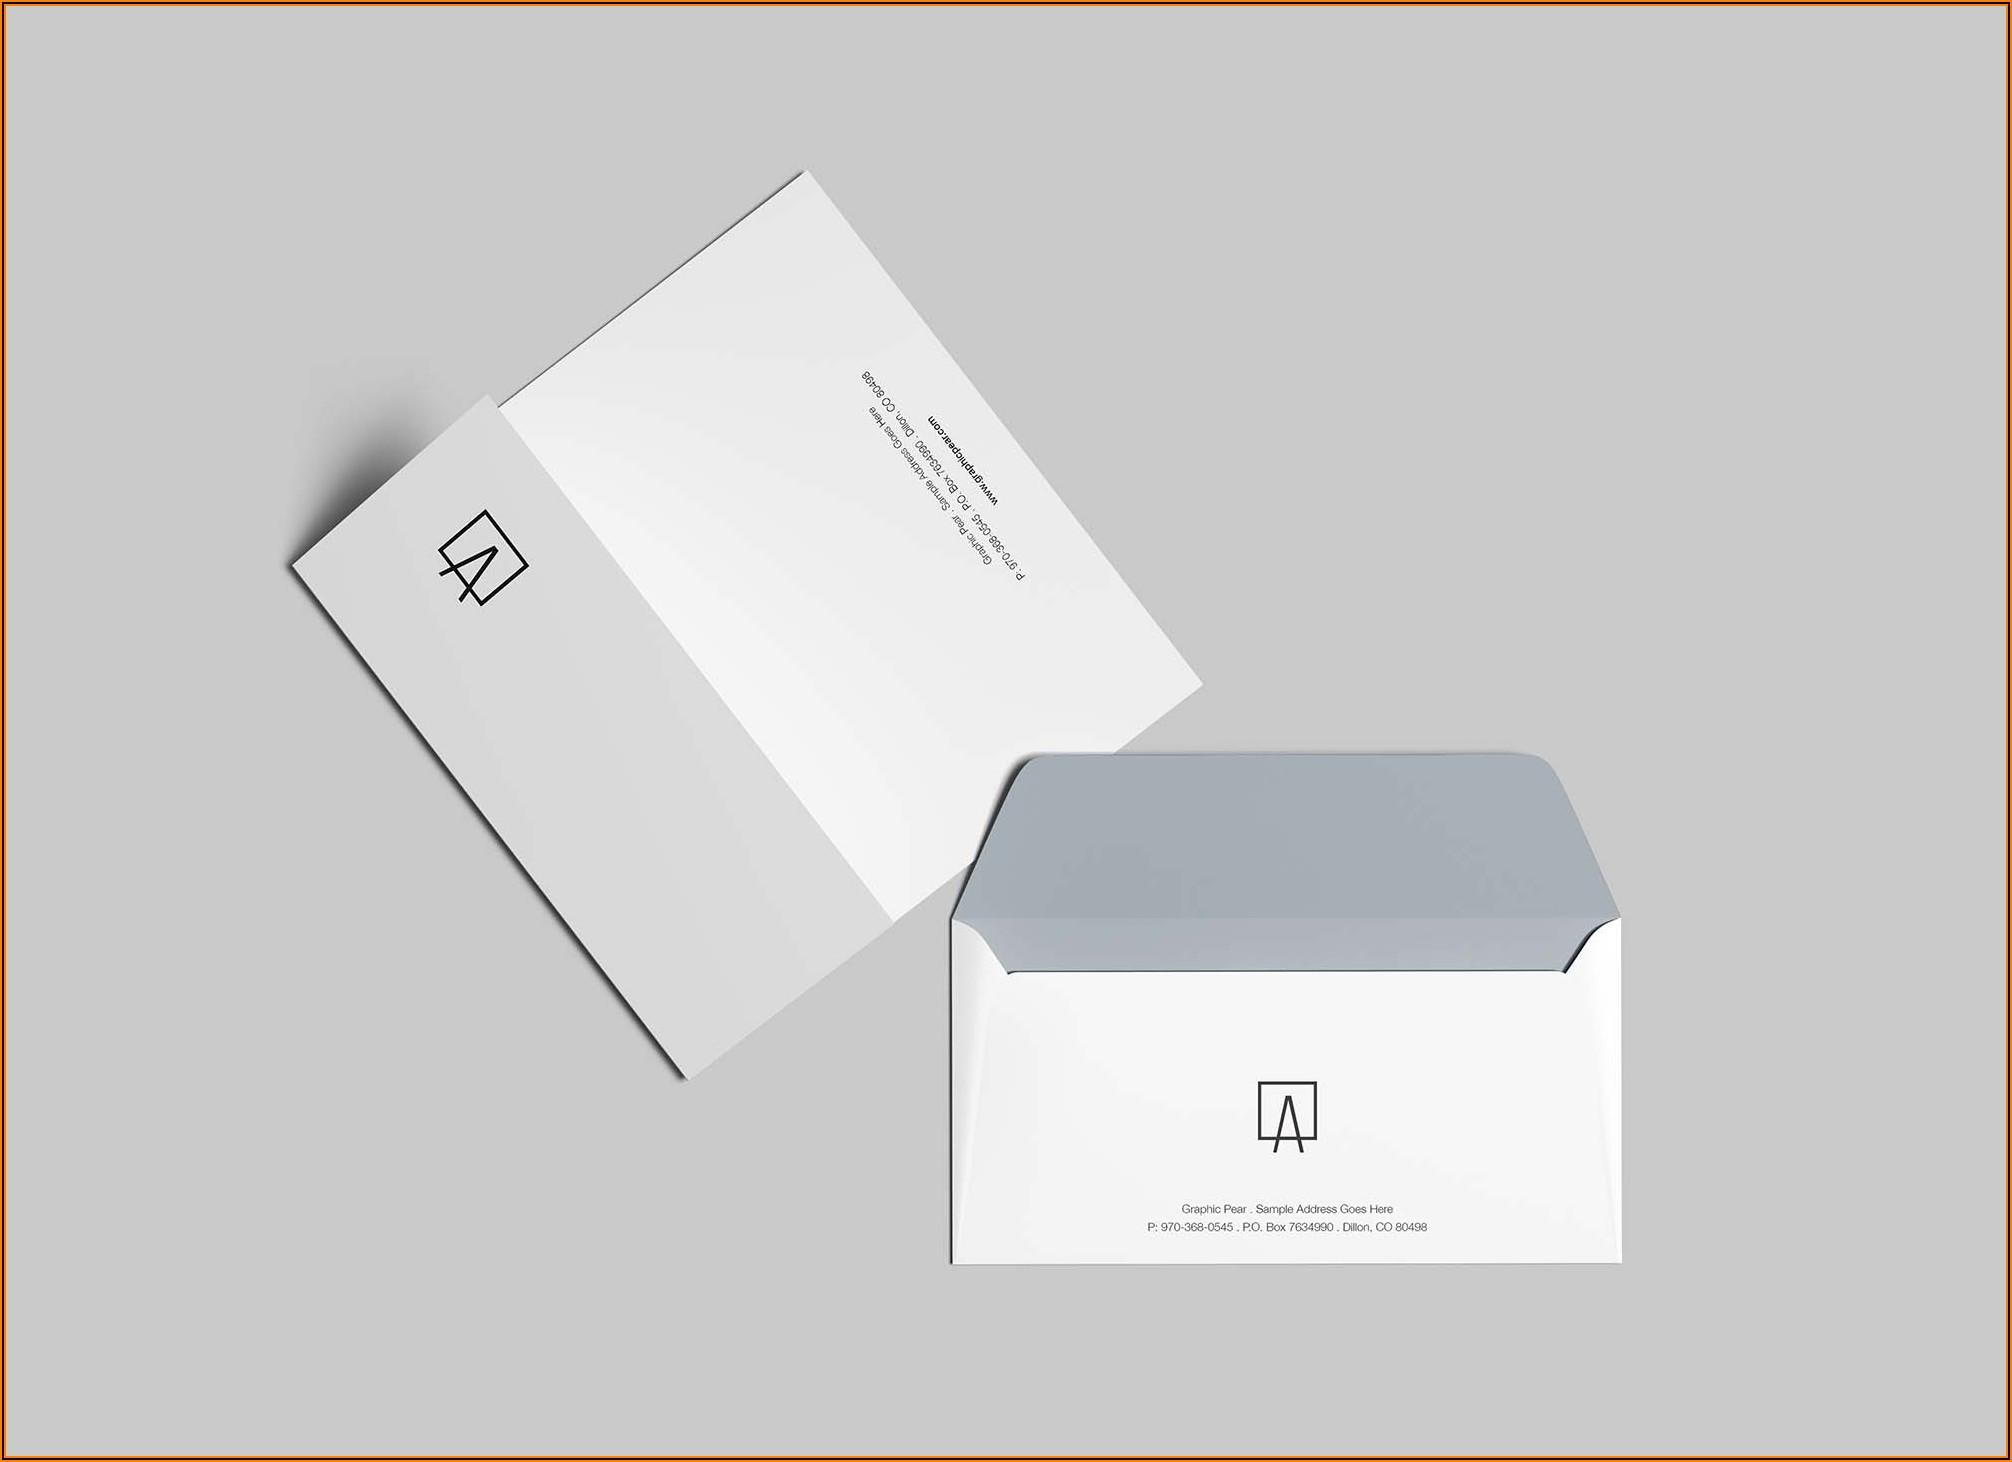 Standard Dl Envelope Mockup Free